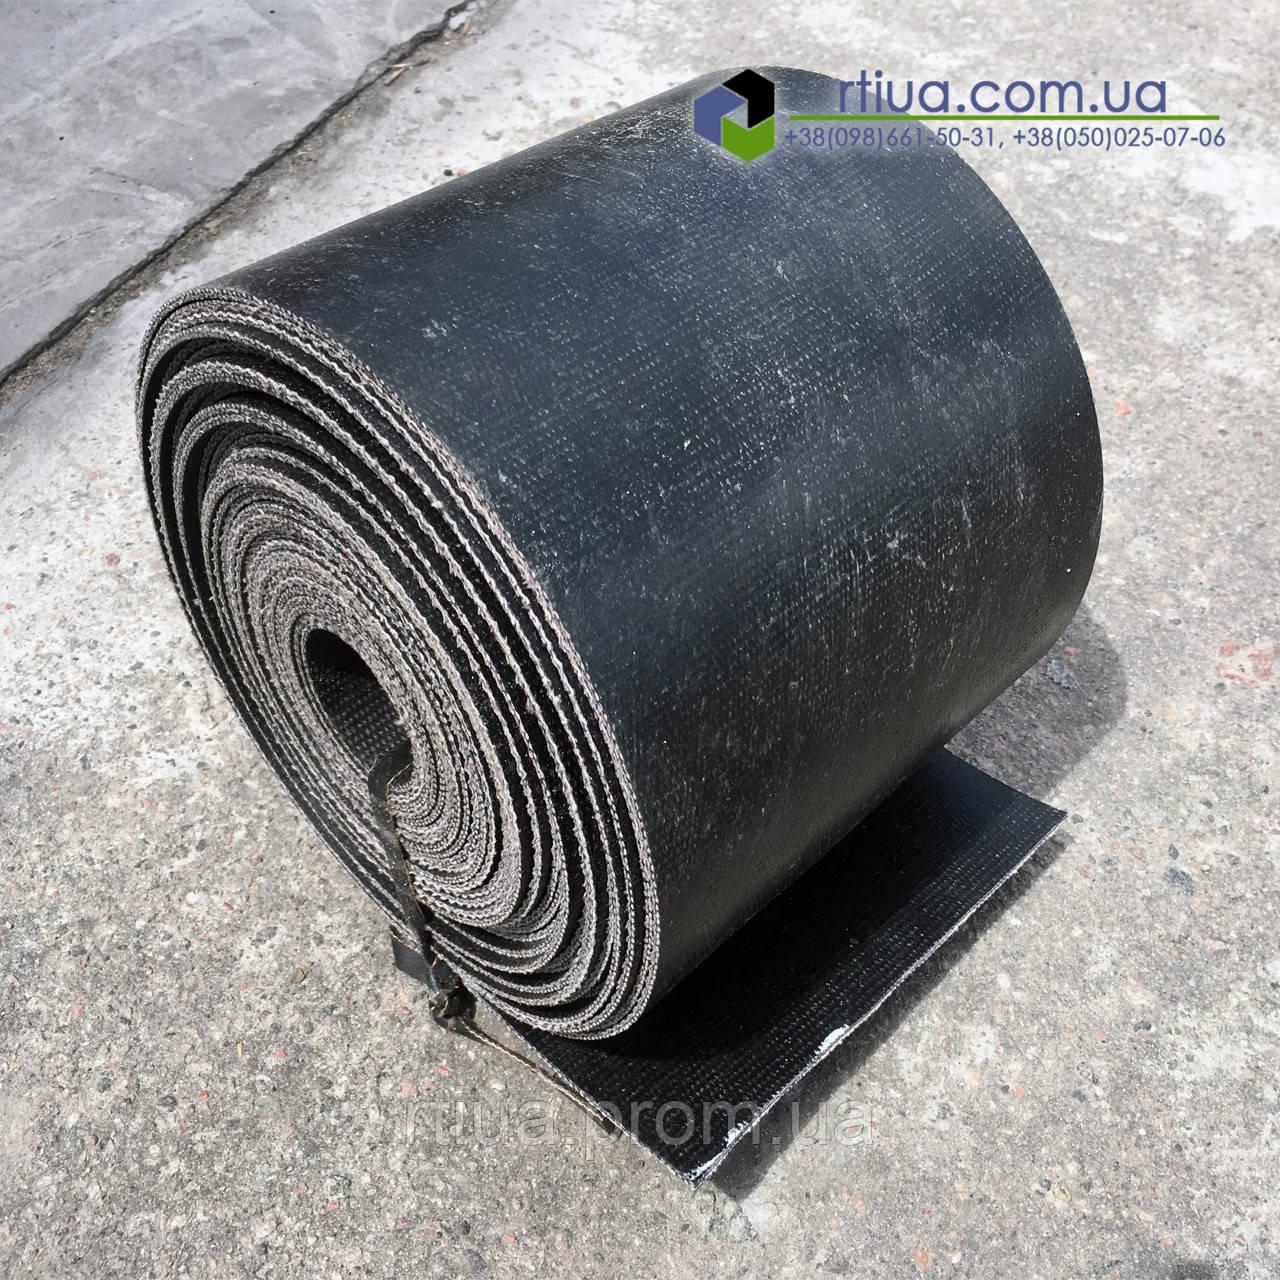 Транспортерная лента БКНЛ, 650х3 - 2/0 (5 мм)